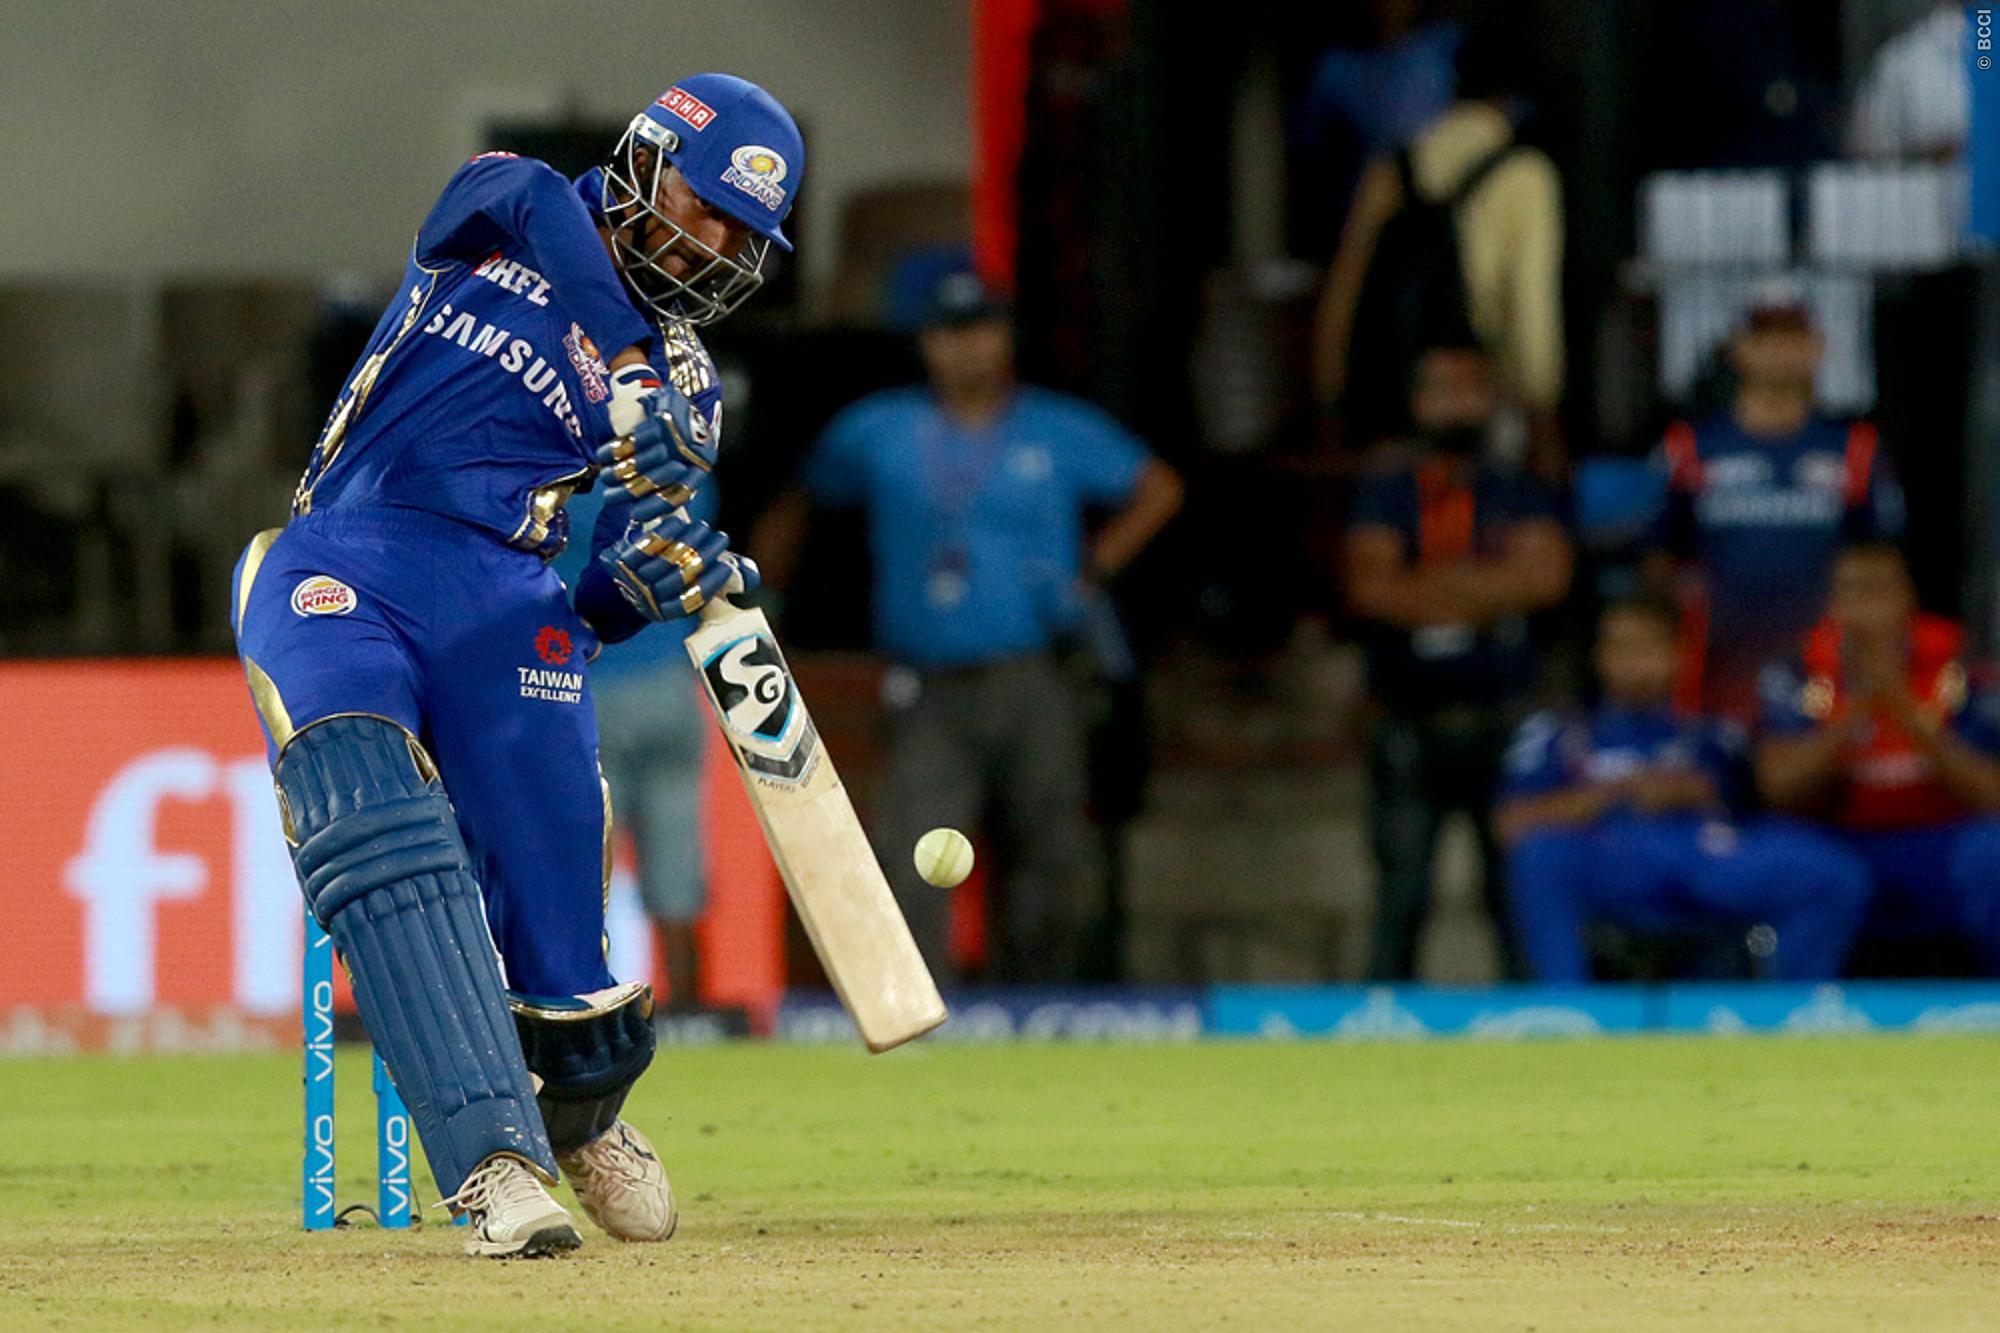 IPL 2018: कृणाल पंड्या ने अपने और हार्दिक के बीच बताई ऐसी समानता जिससे बाकी लोग अब तक थे अनजान 2